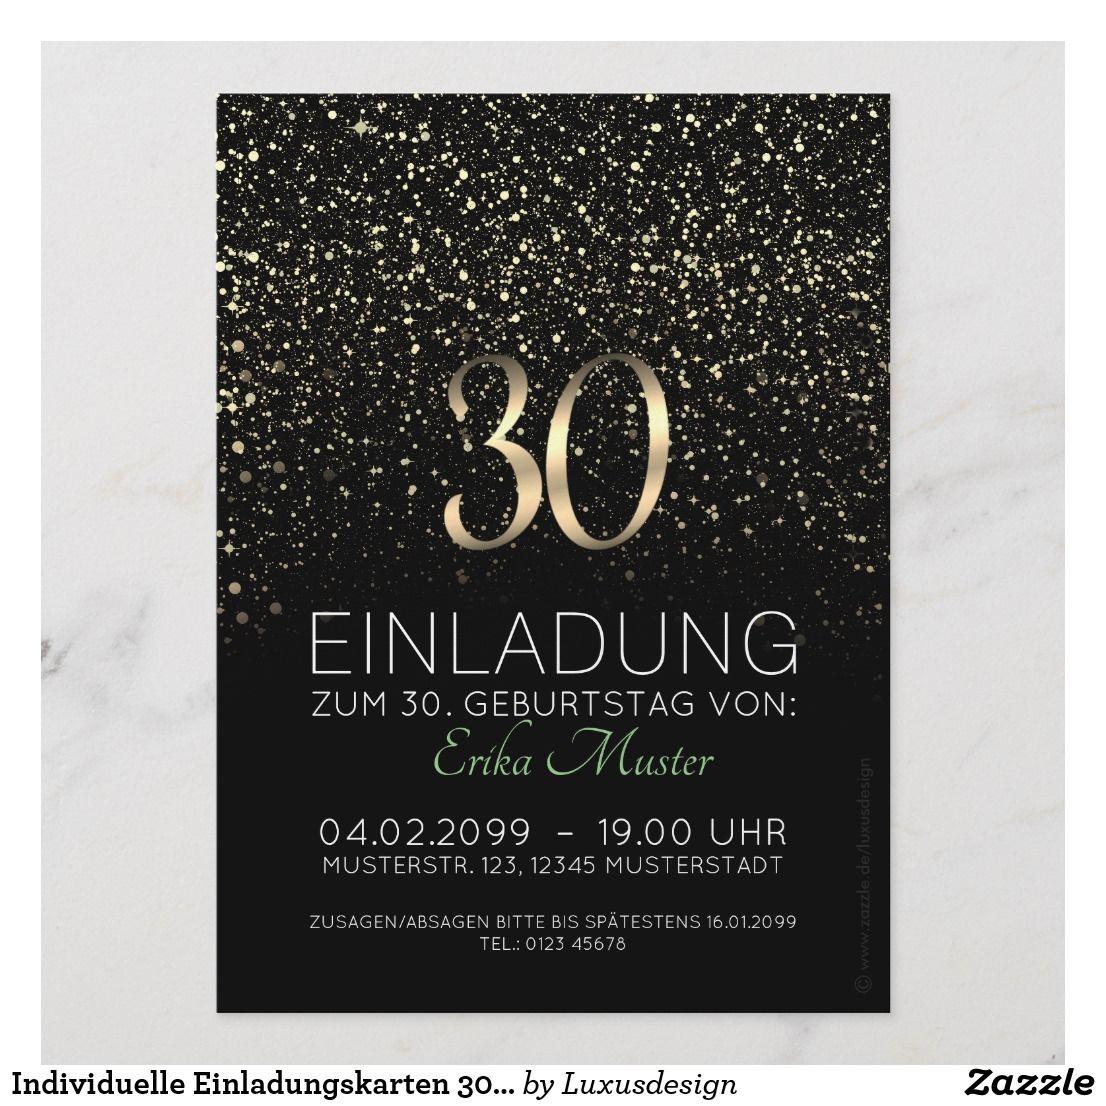 individuelle einladungskarten 30. geburtstag | zazzle.de